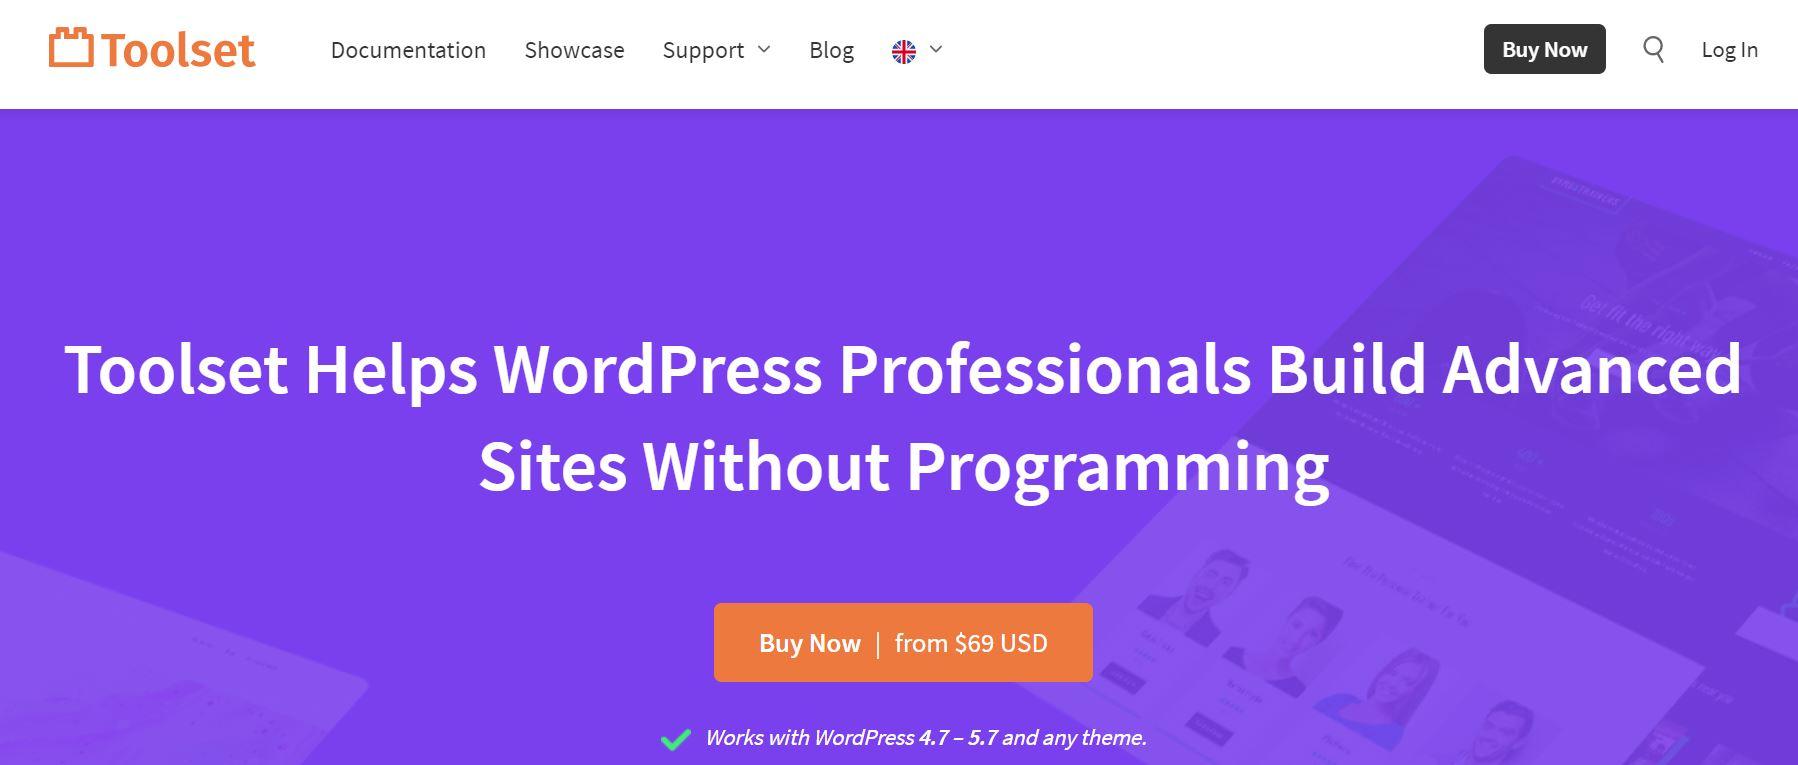 Toolset Search - WordPress Search Plugin